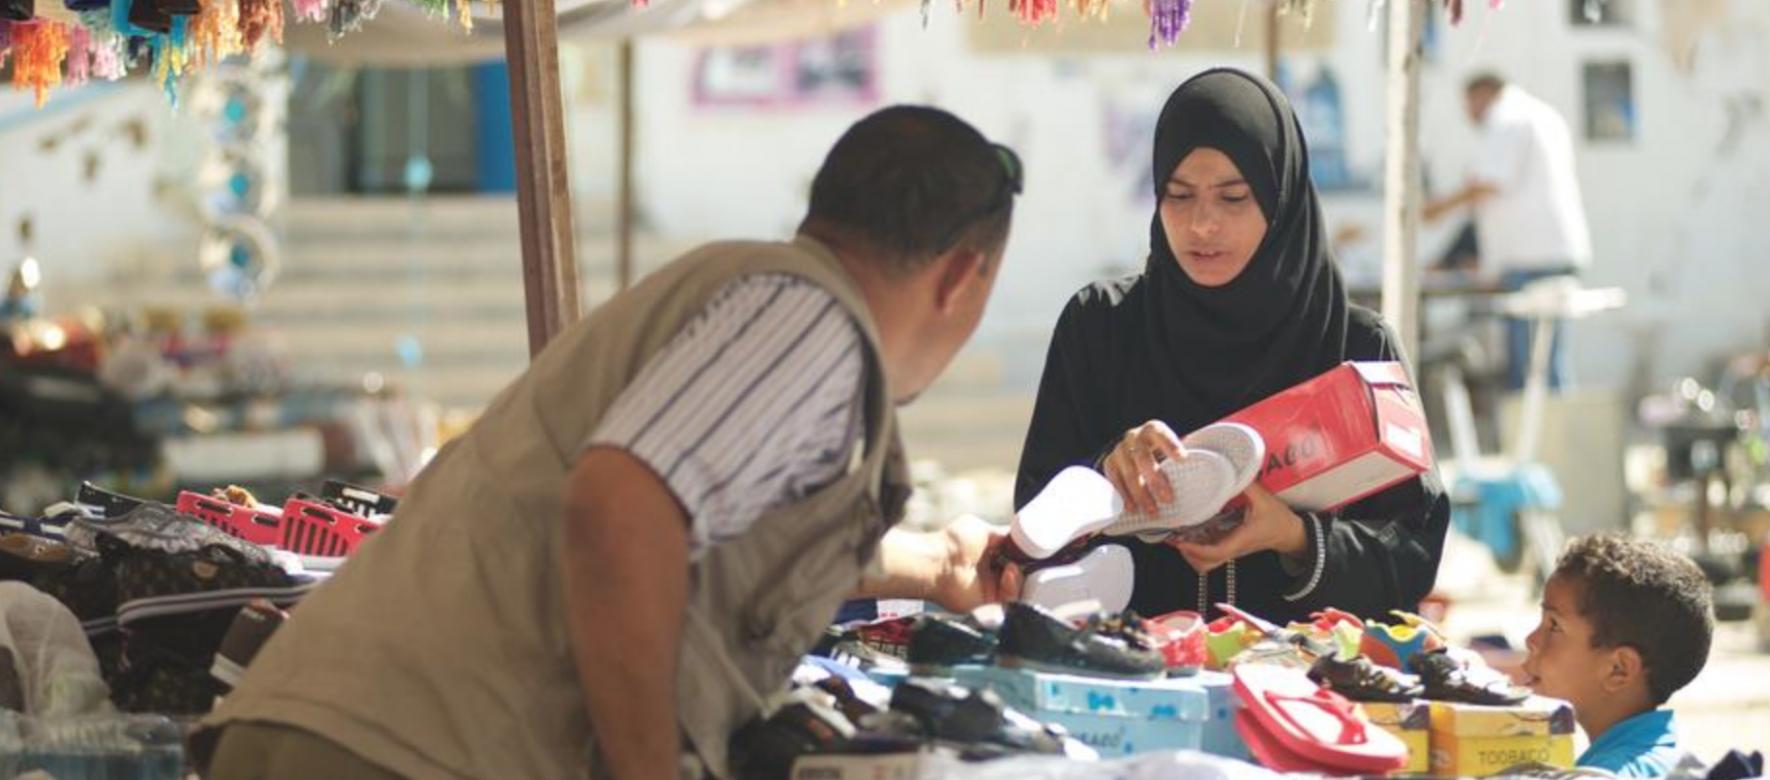 Tunisie : 5,4% des entreprises sont définitivement fermées dont 1,5% à cause du Covid-19